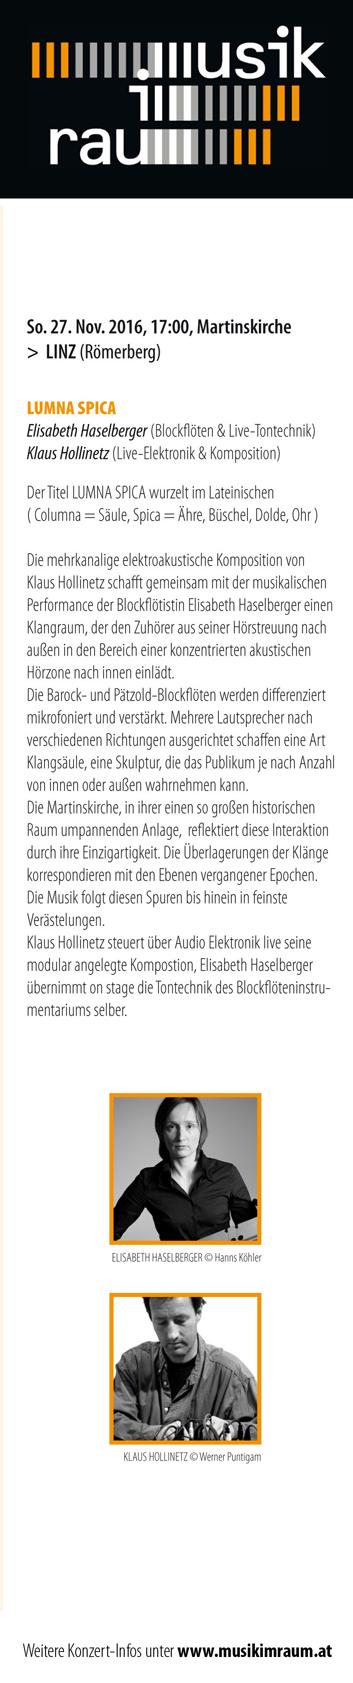 MiR Konzert 27.11.2016